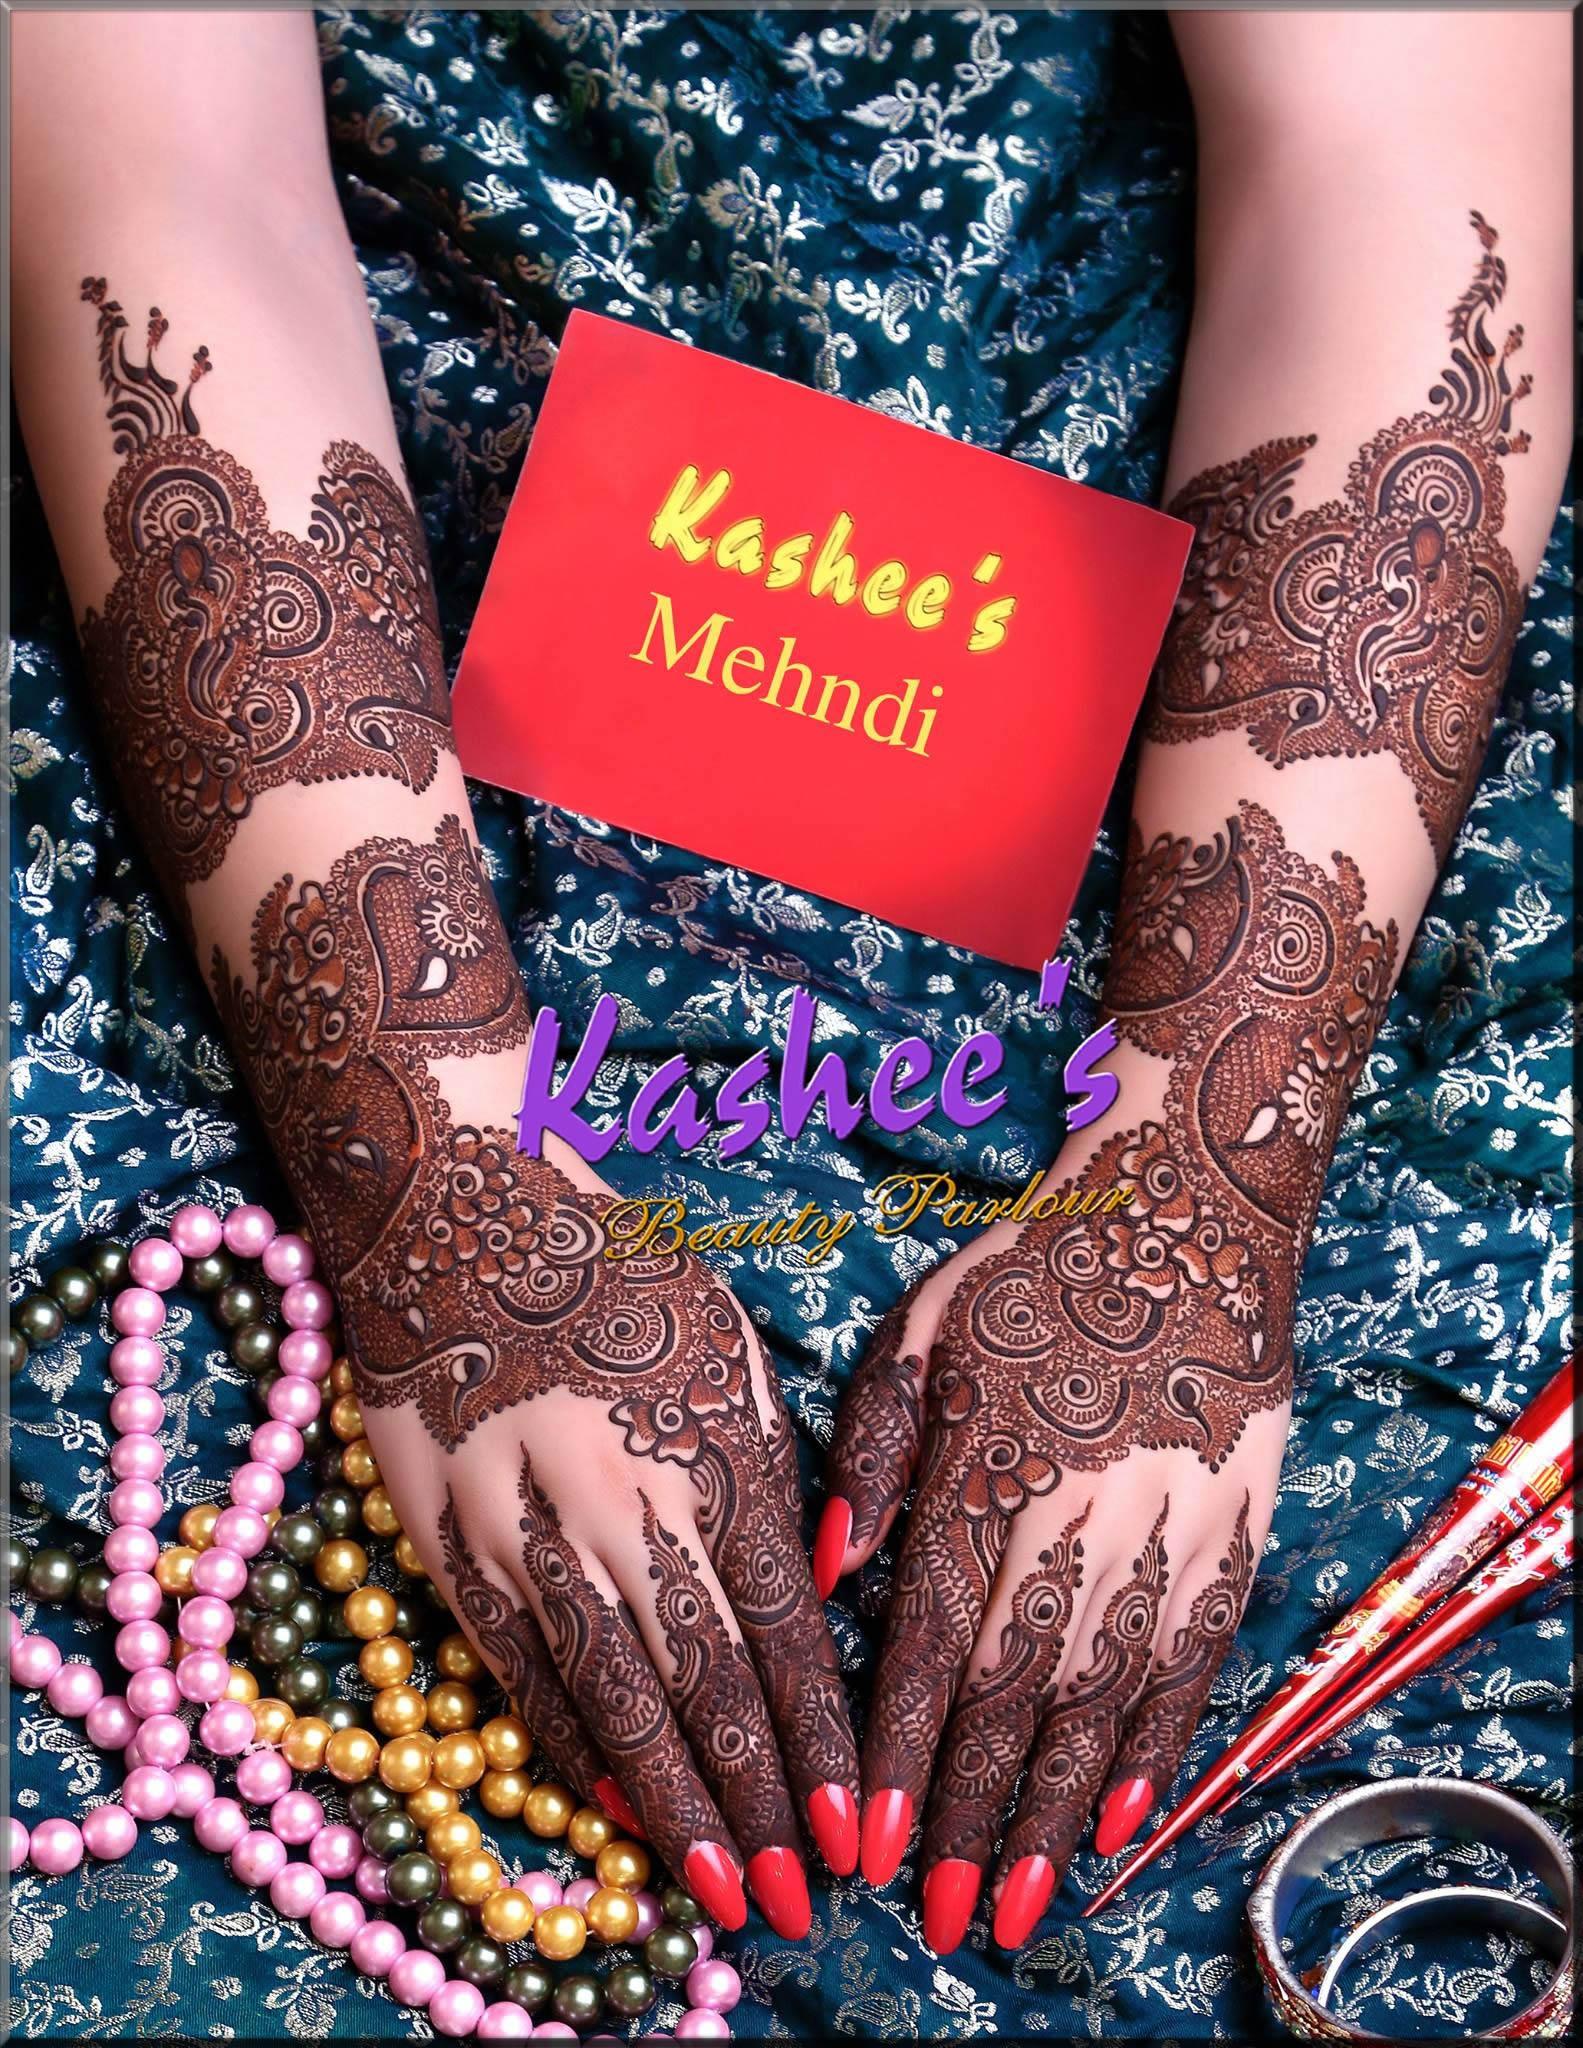 fascinating kashee's mehndi designs